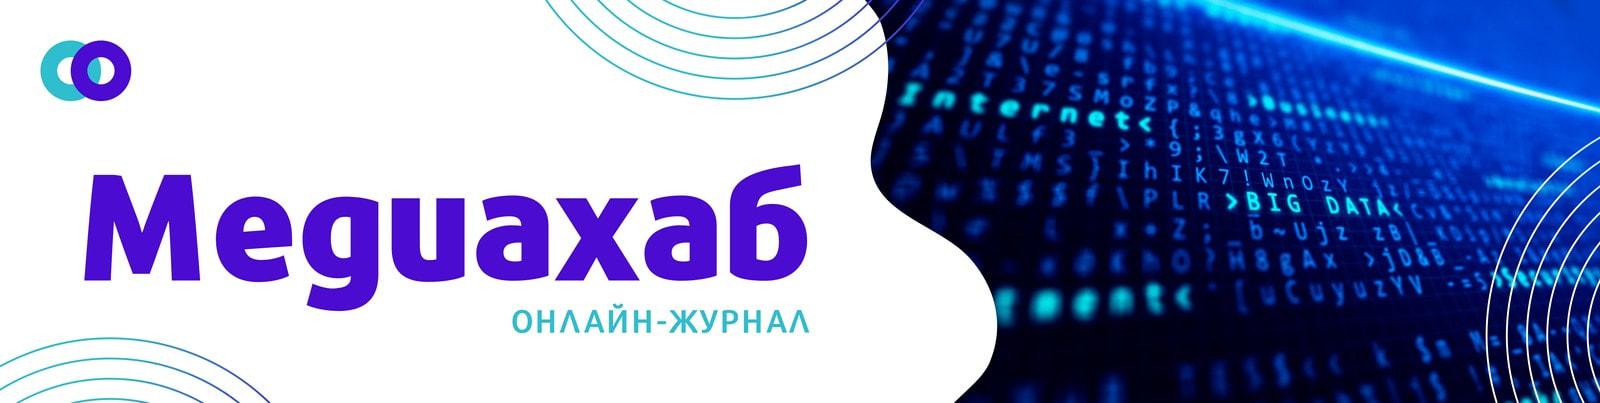 Белая и синяя обложка группы в ВК с кодом на экране